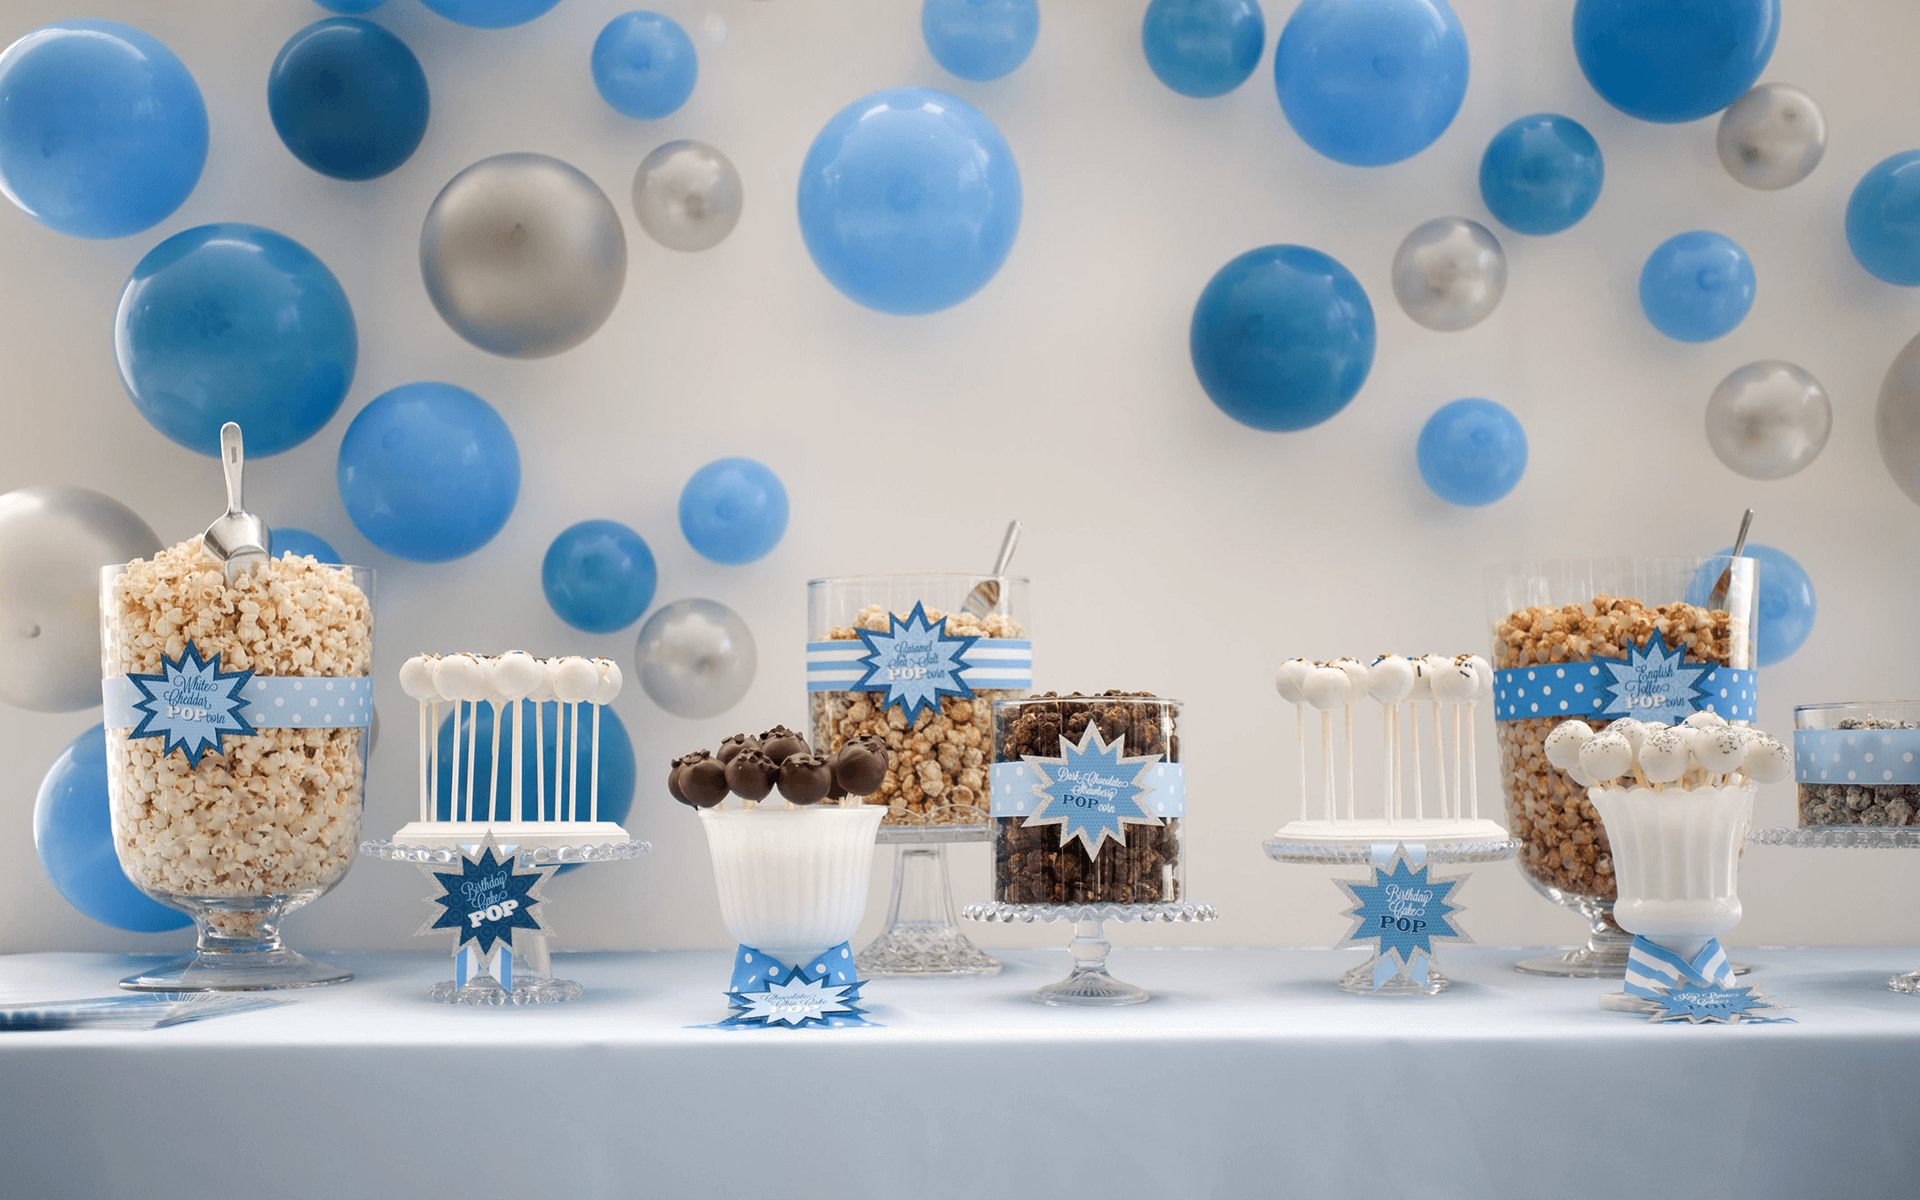 تزیین جشن تولد با بادکنکهای آبی و خاکستری متصل به دیوار